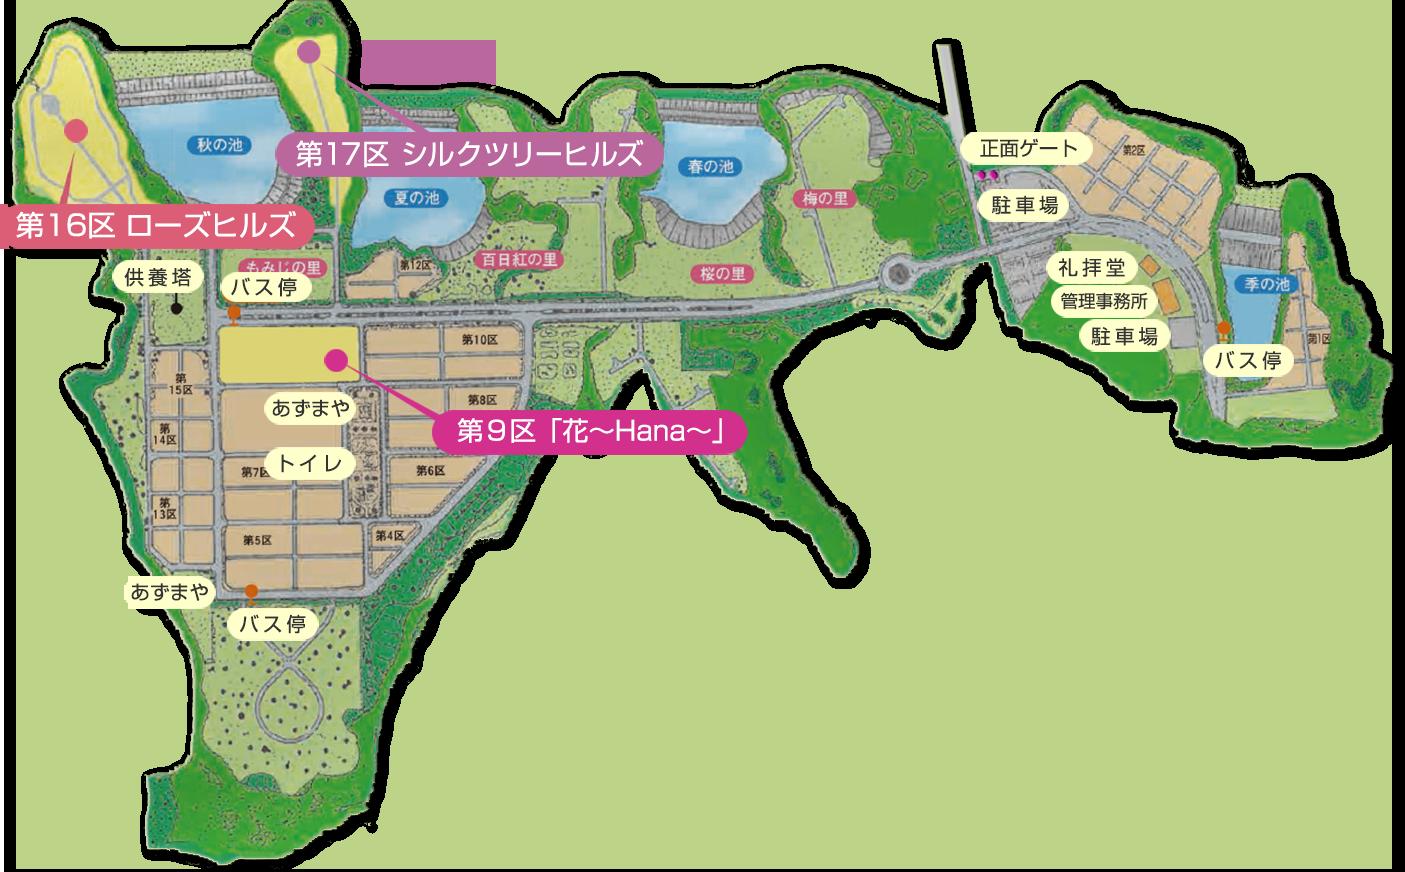 広大な敷地に広がる千葉県屈指の高級公園墓地